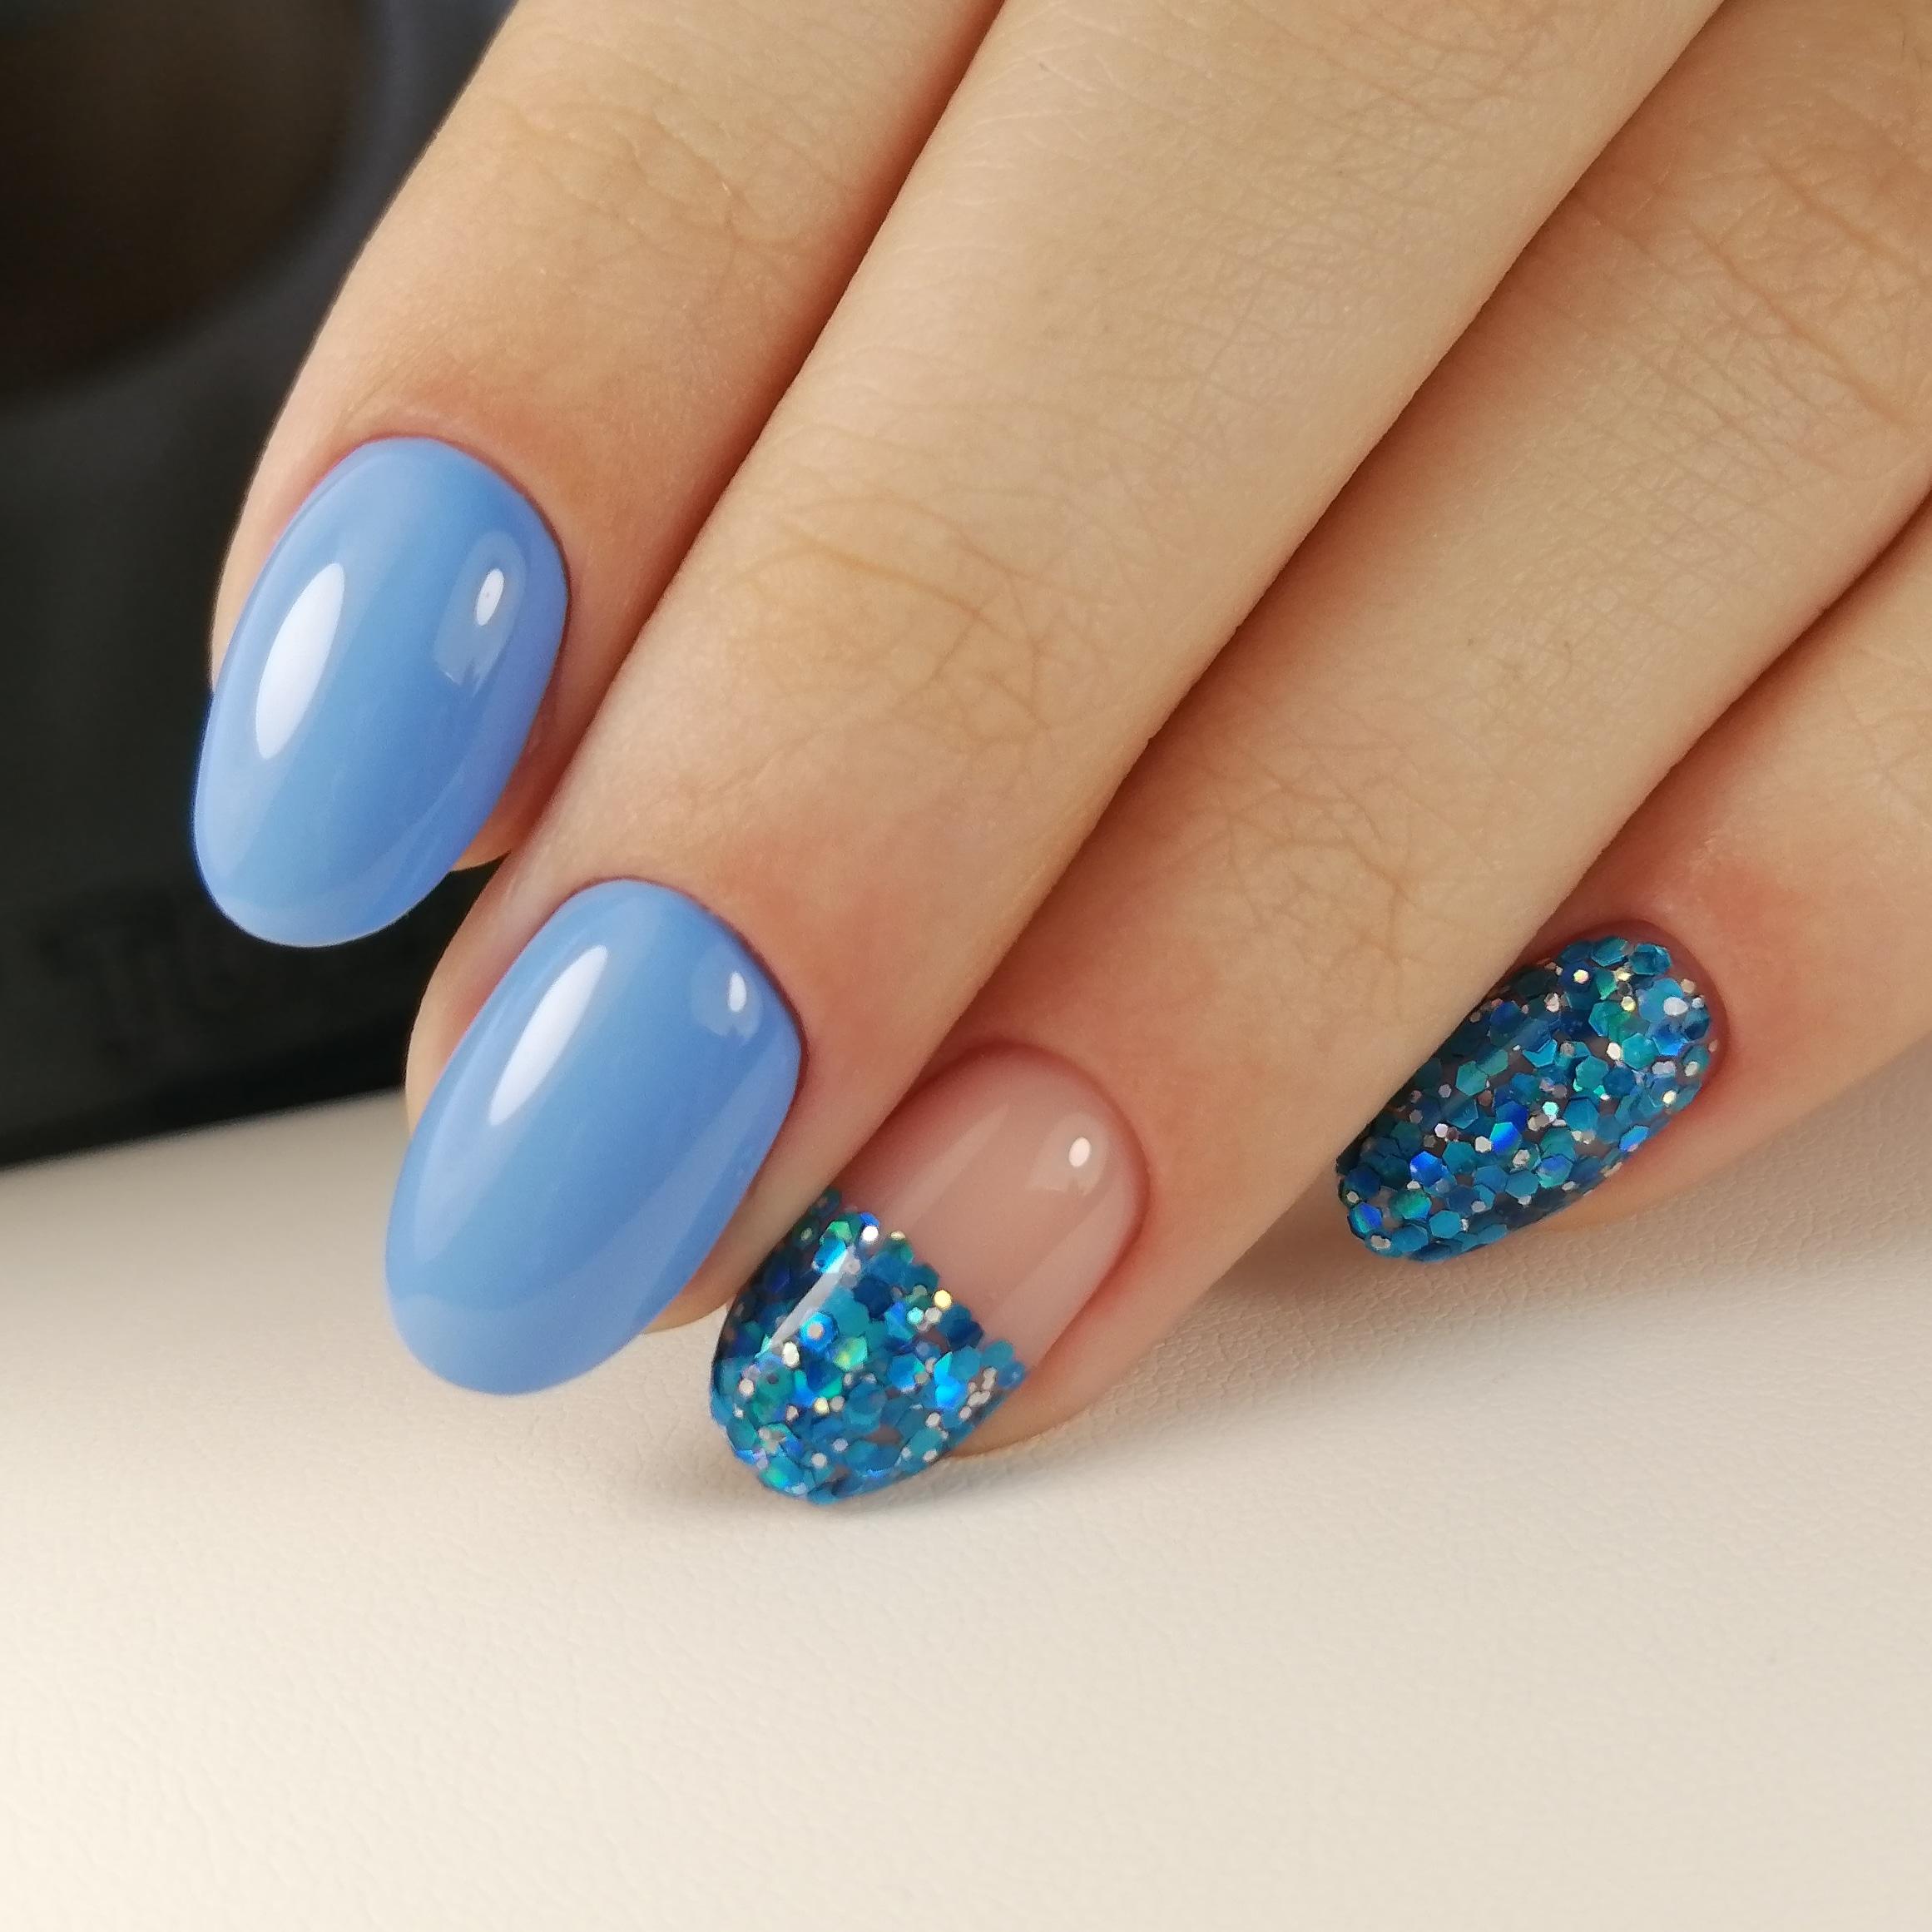 Маникюр с цветными камифубуки в голубом цвете на короткие ногти.